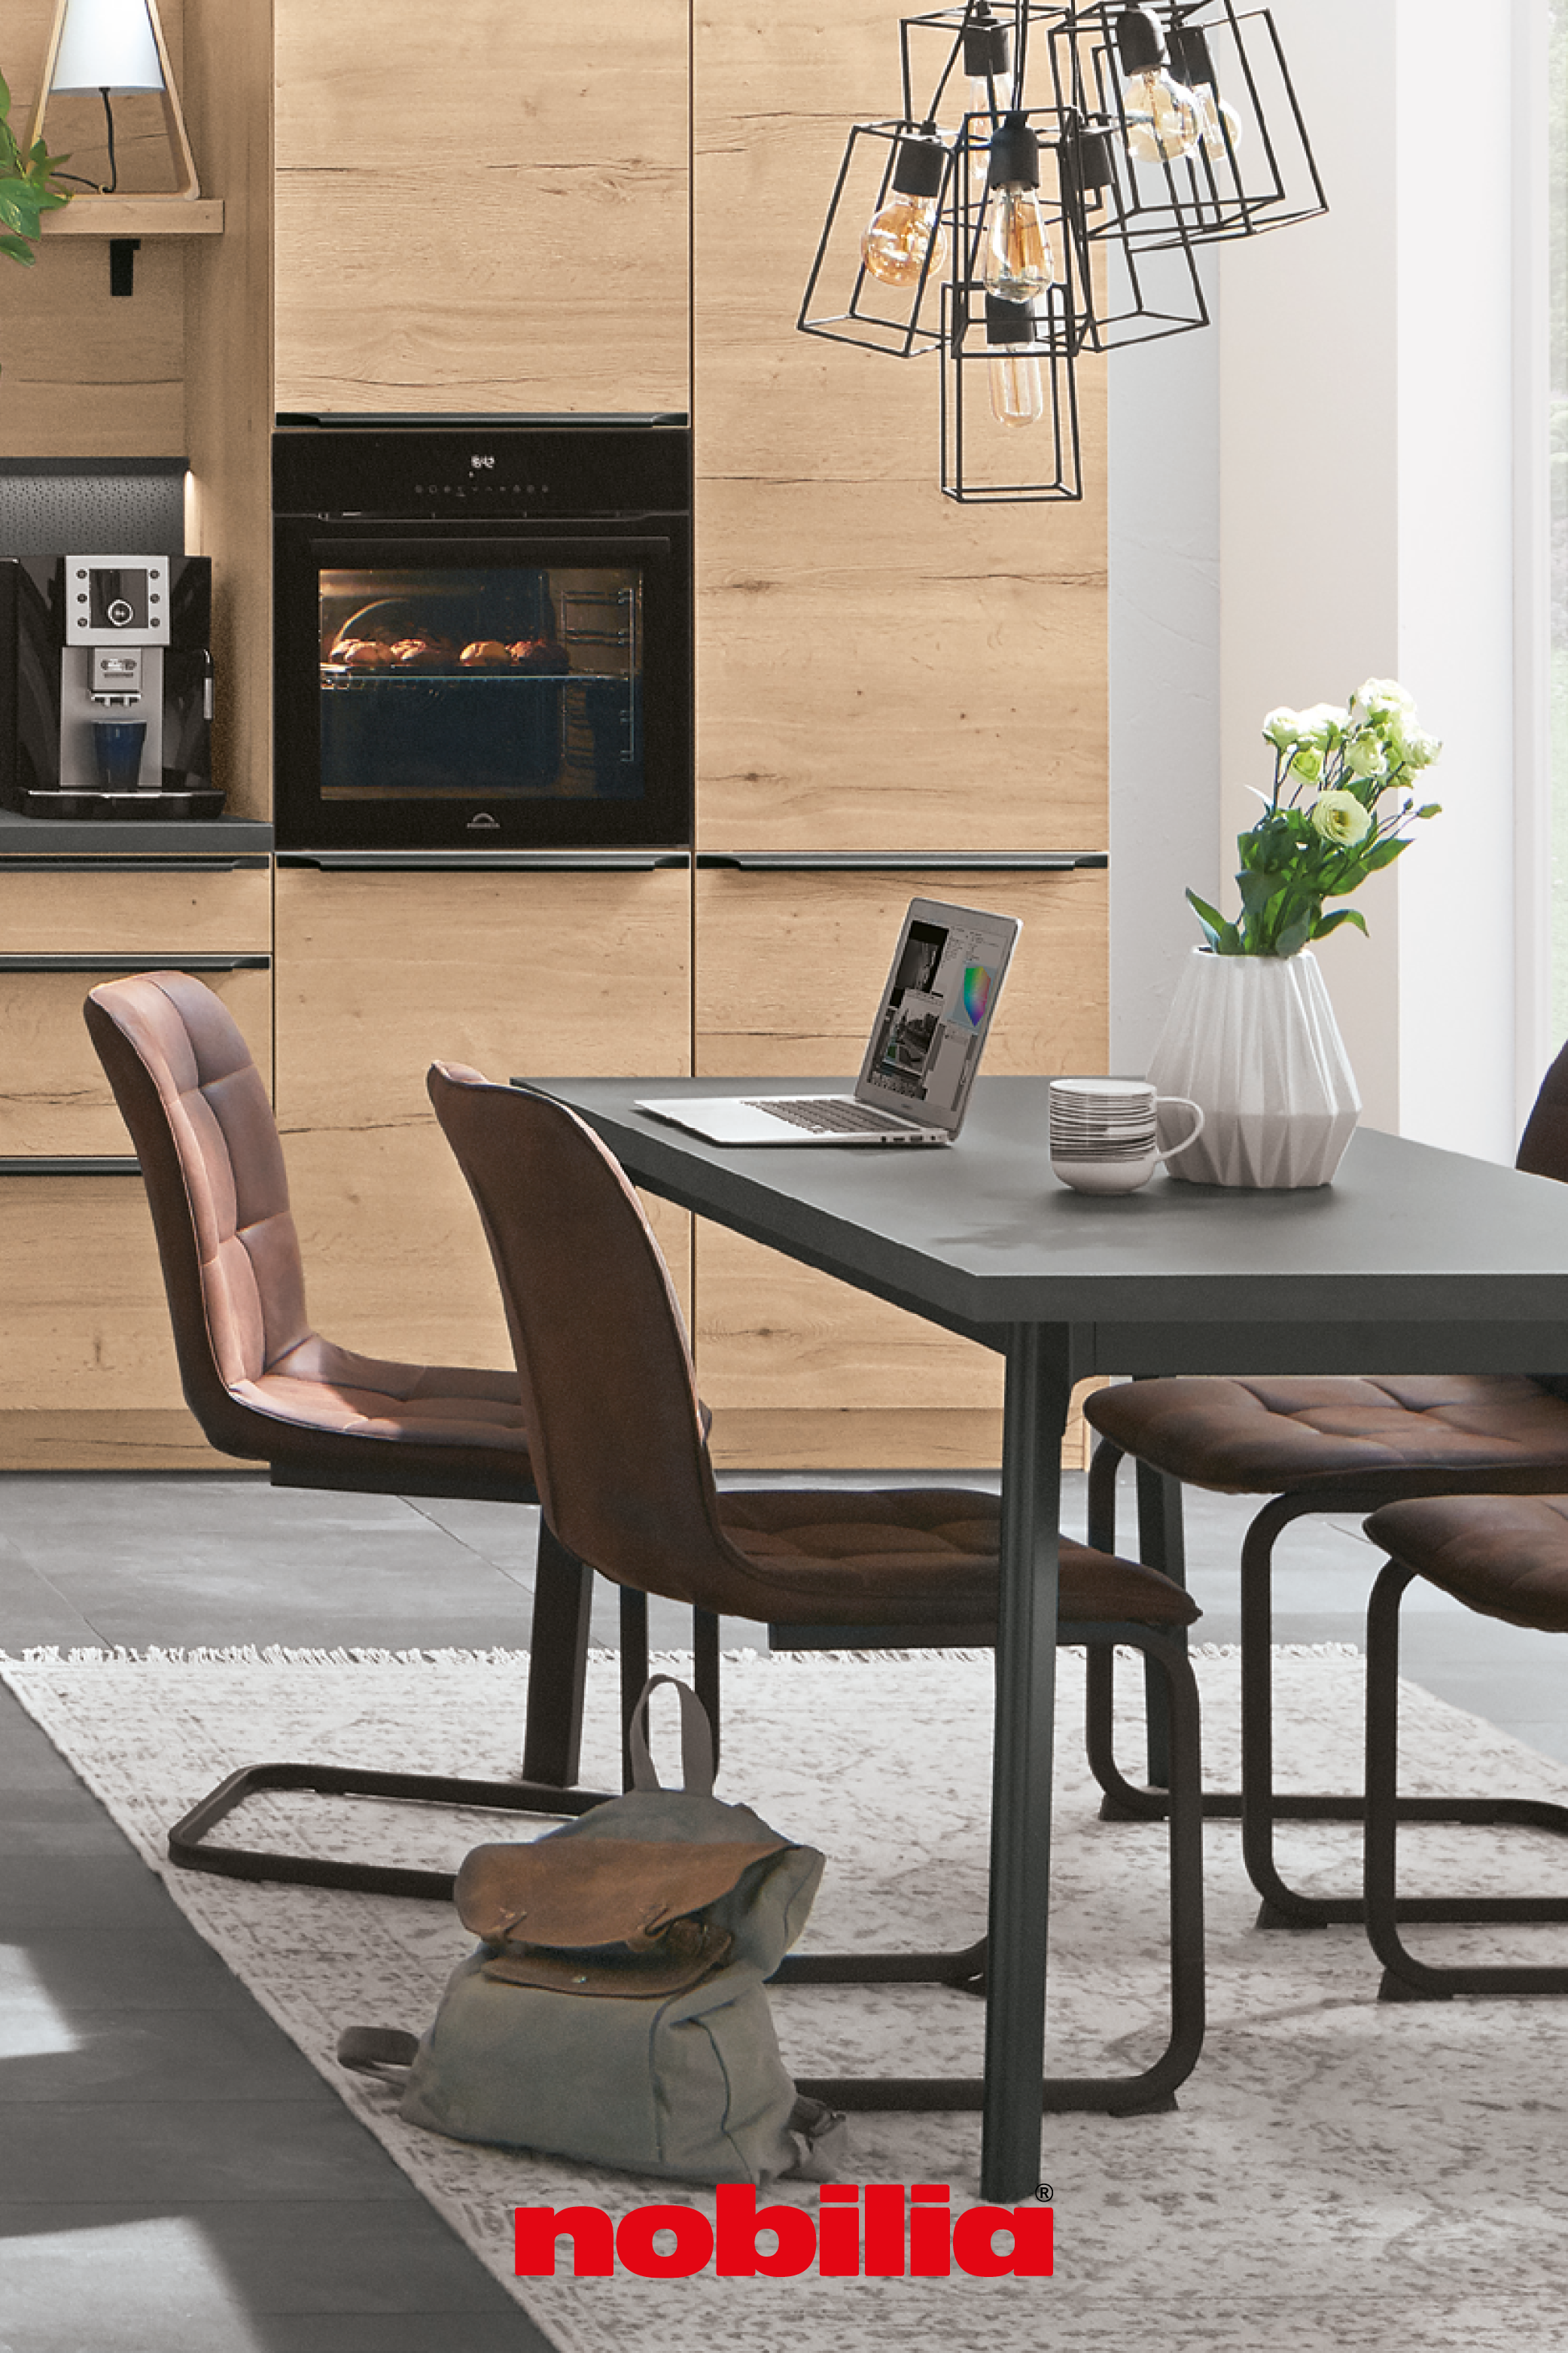 Tischgestell Otello Mit Individueller Arbeitsplatte In 2020 Haus Deko Wohnen Arbeitsplatte